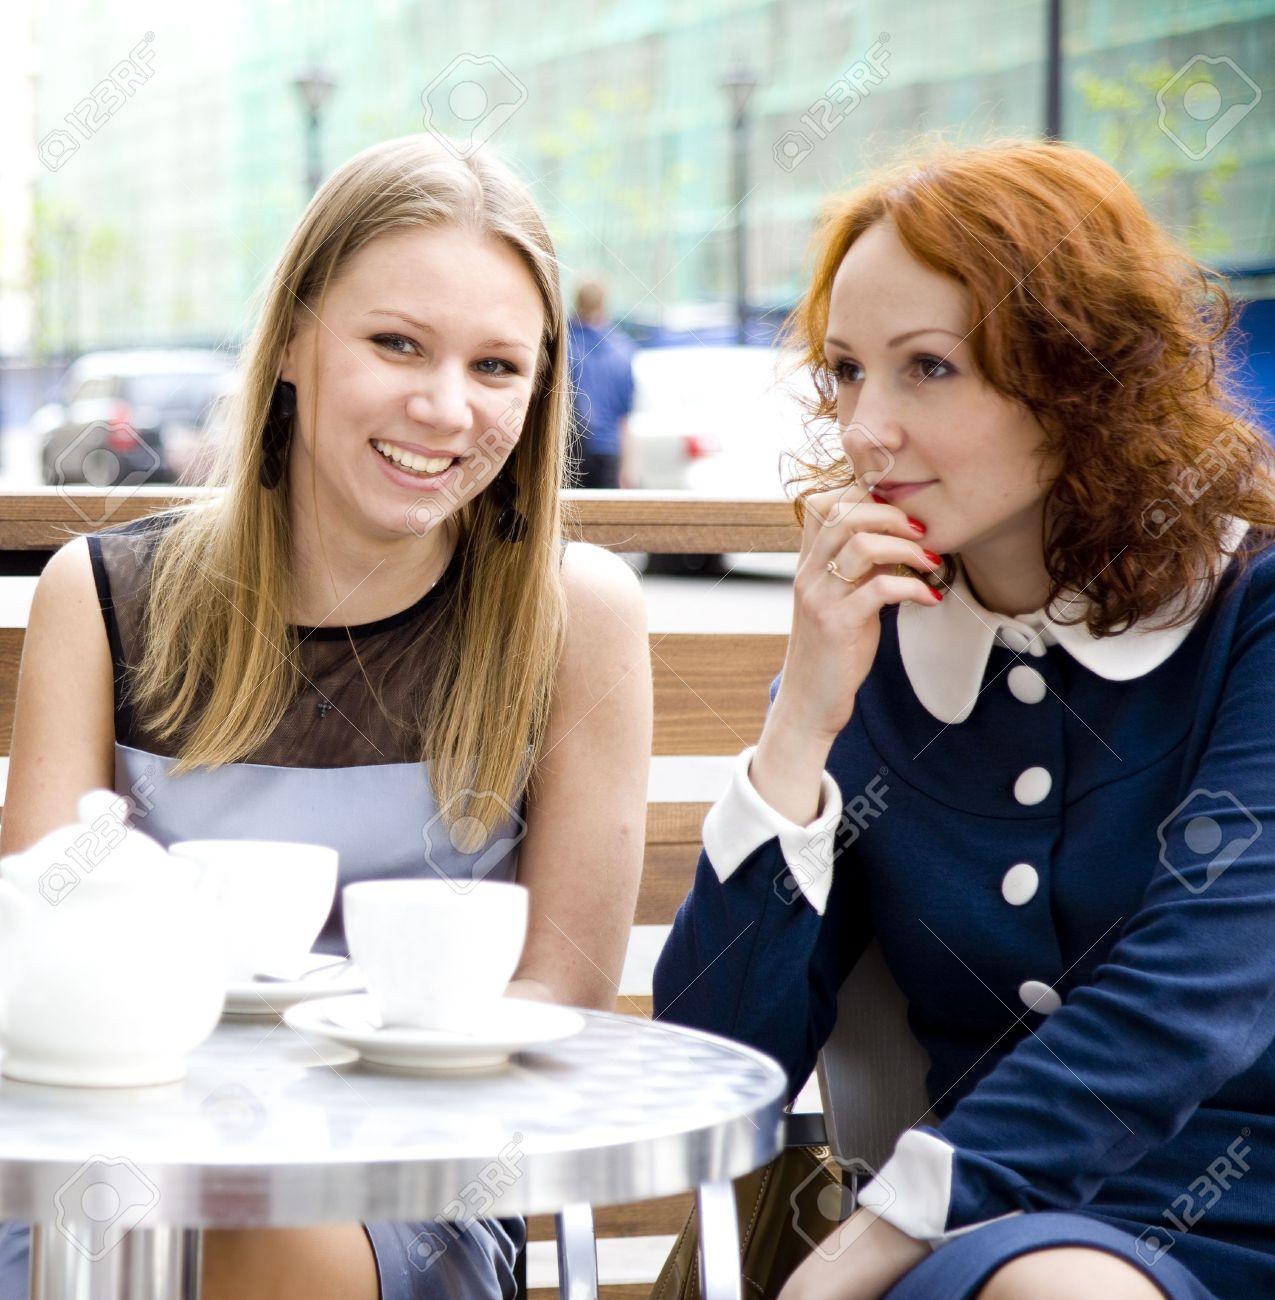 ea938725622b06 Zwei Frauen Kaffee Trinken Auf Der Straße Café Lizenzfreie Fotos ...